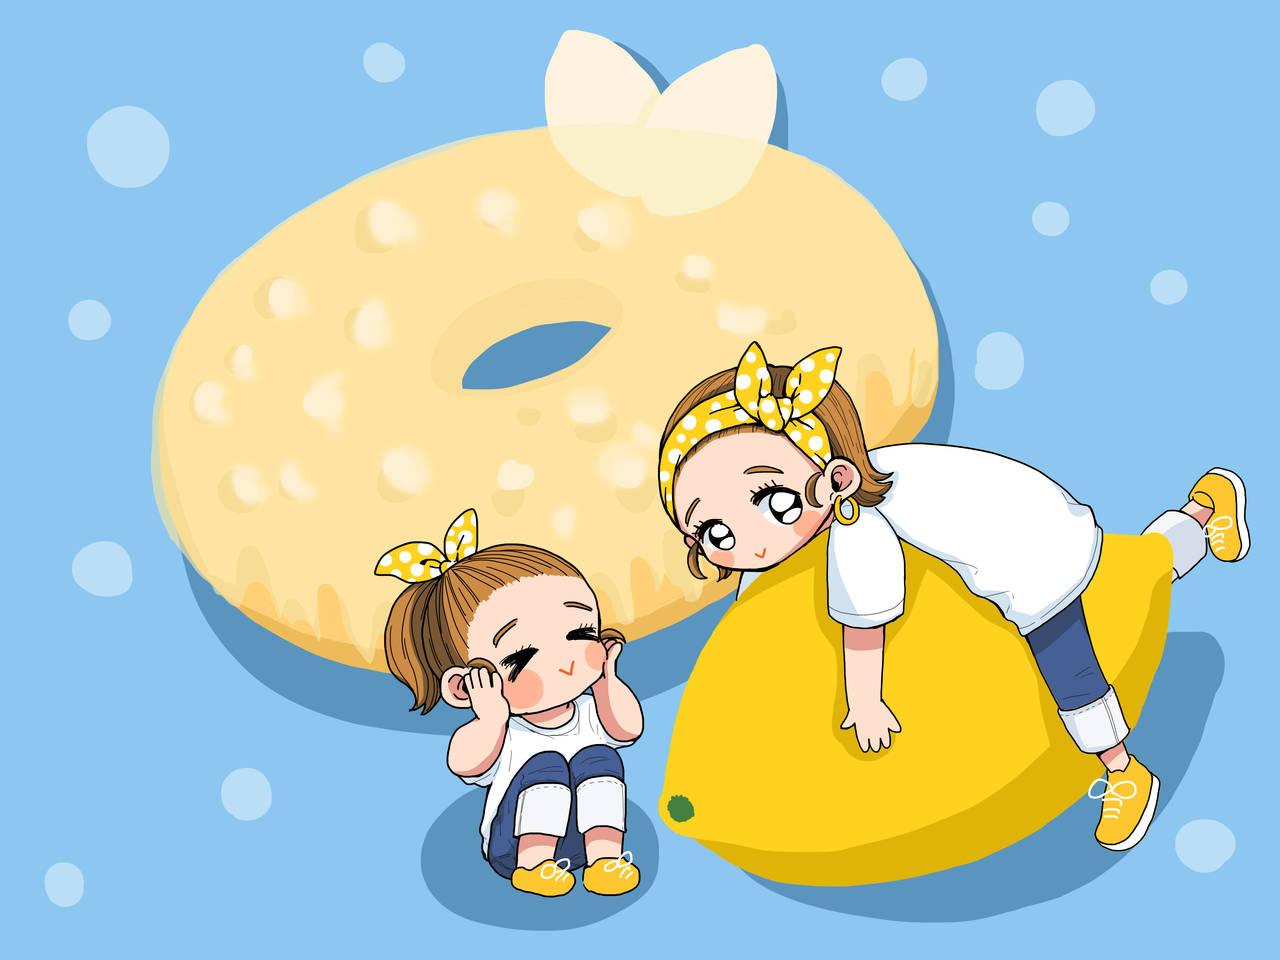 【仙台】ドーナツ屋さんで食べるもぎたてレモン「HOBA HOUSE」